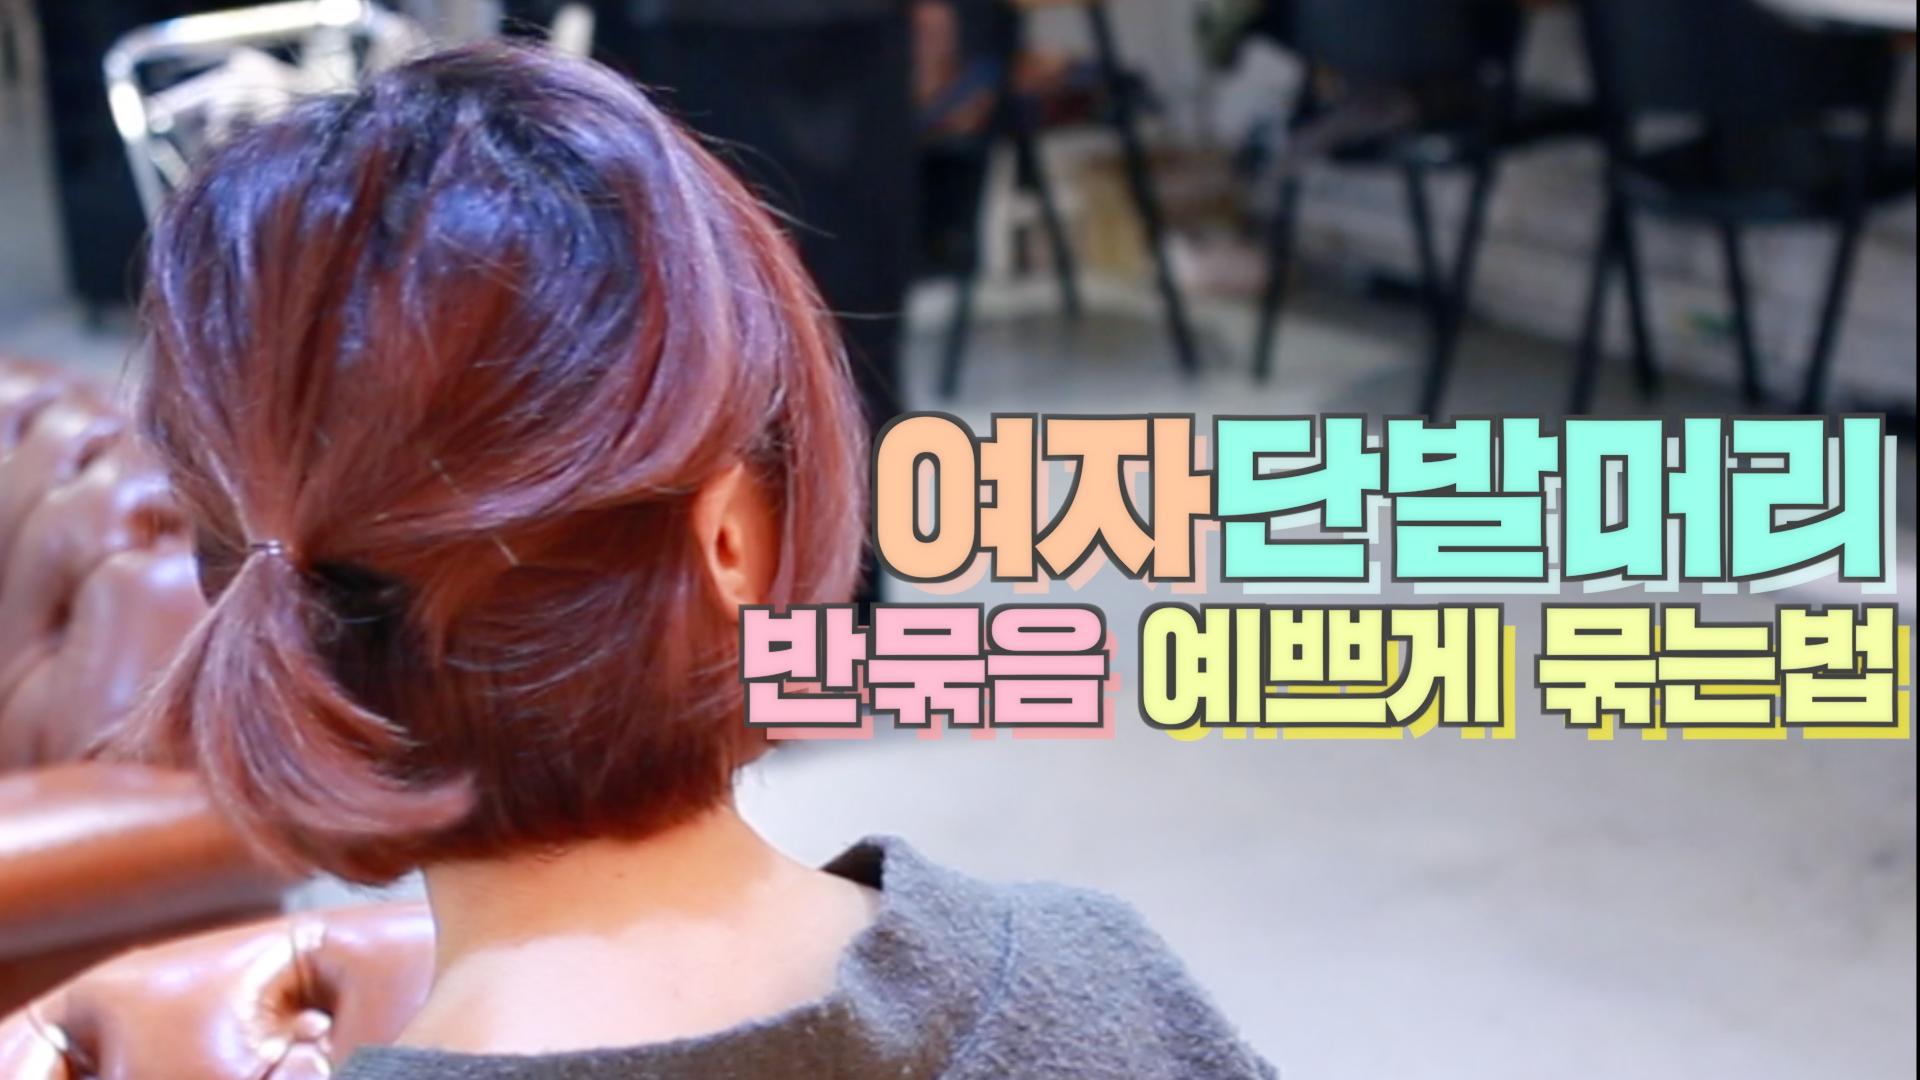 """[1분팁] """"혼자서도 빛나"""" 여자 단발머리 예쁘게 묶는법 - 그로잉살롱 지원"""